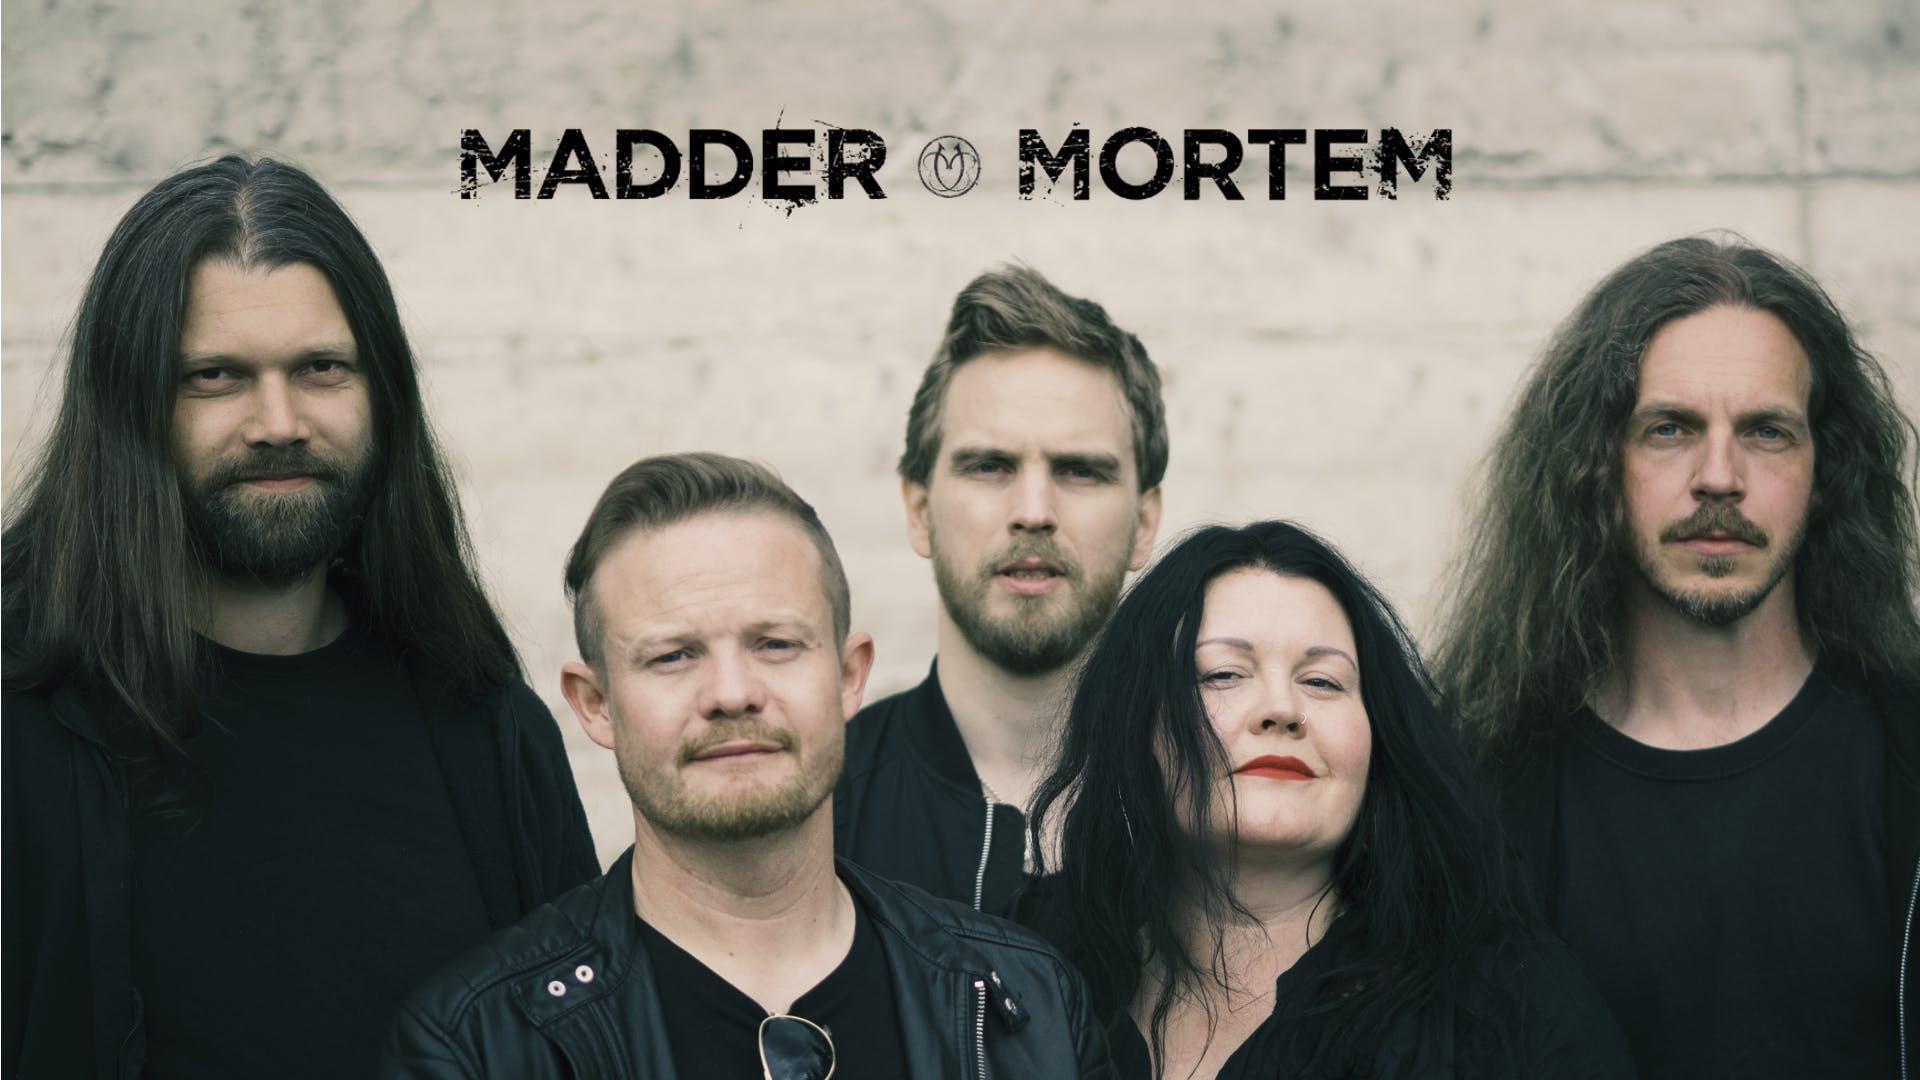 Madder Mortem - Metaprism - Distormed